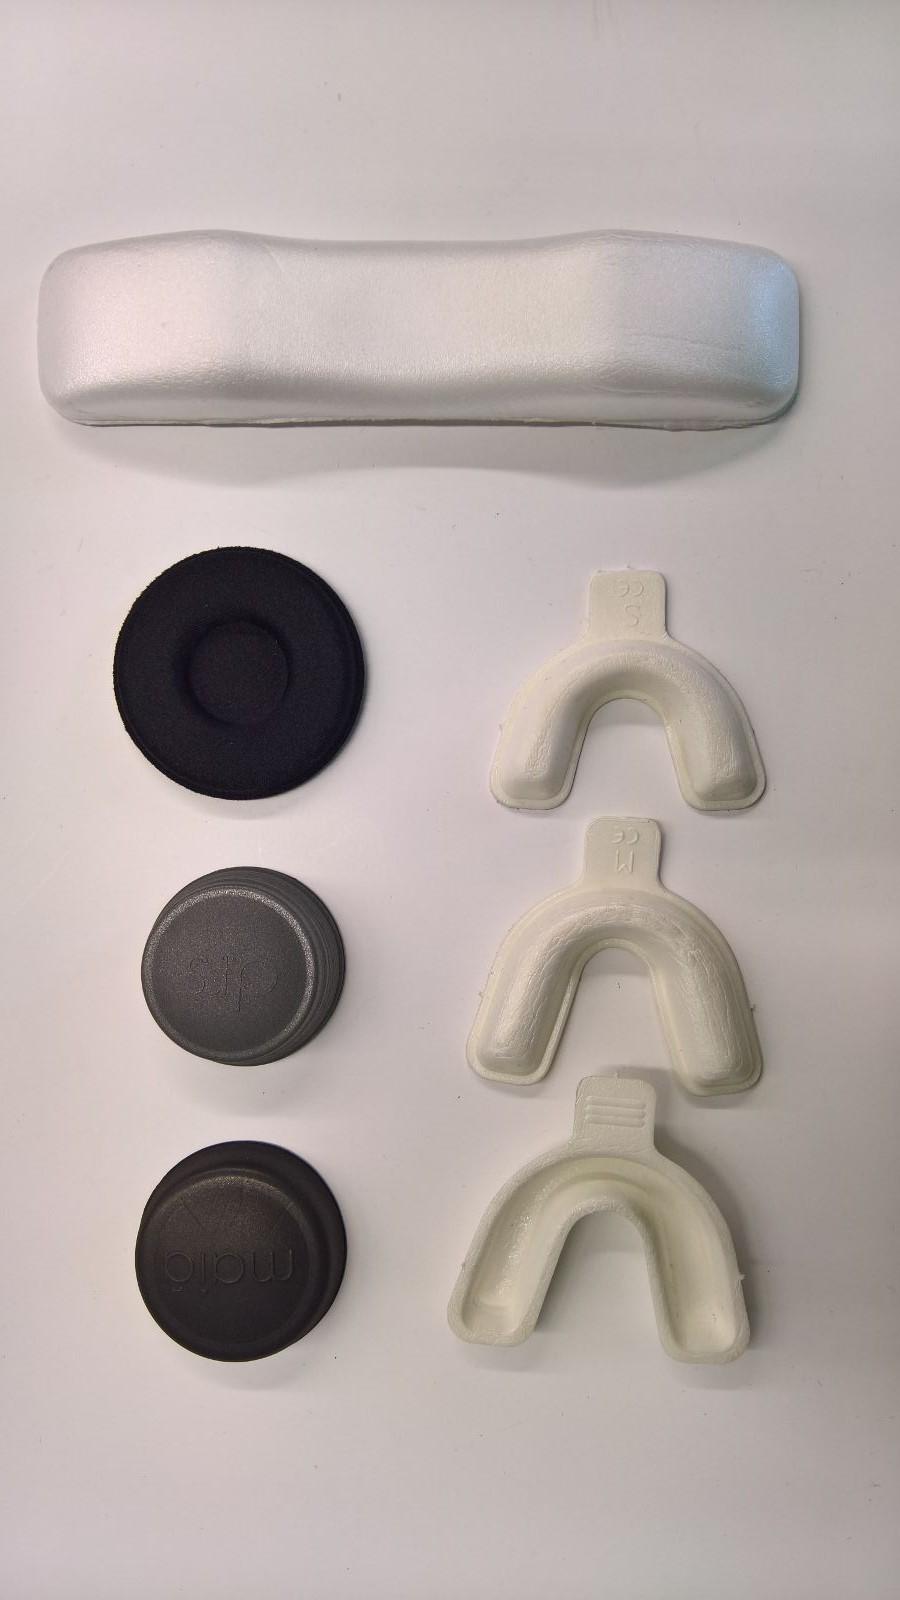 Imbottiture/Componenti termoformati per settore Medicale e Ortopedico